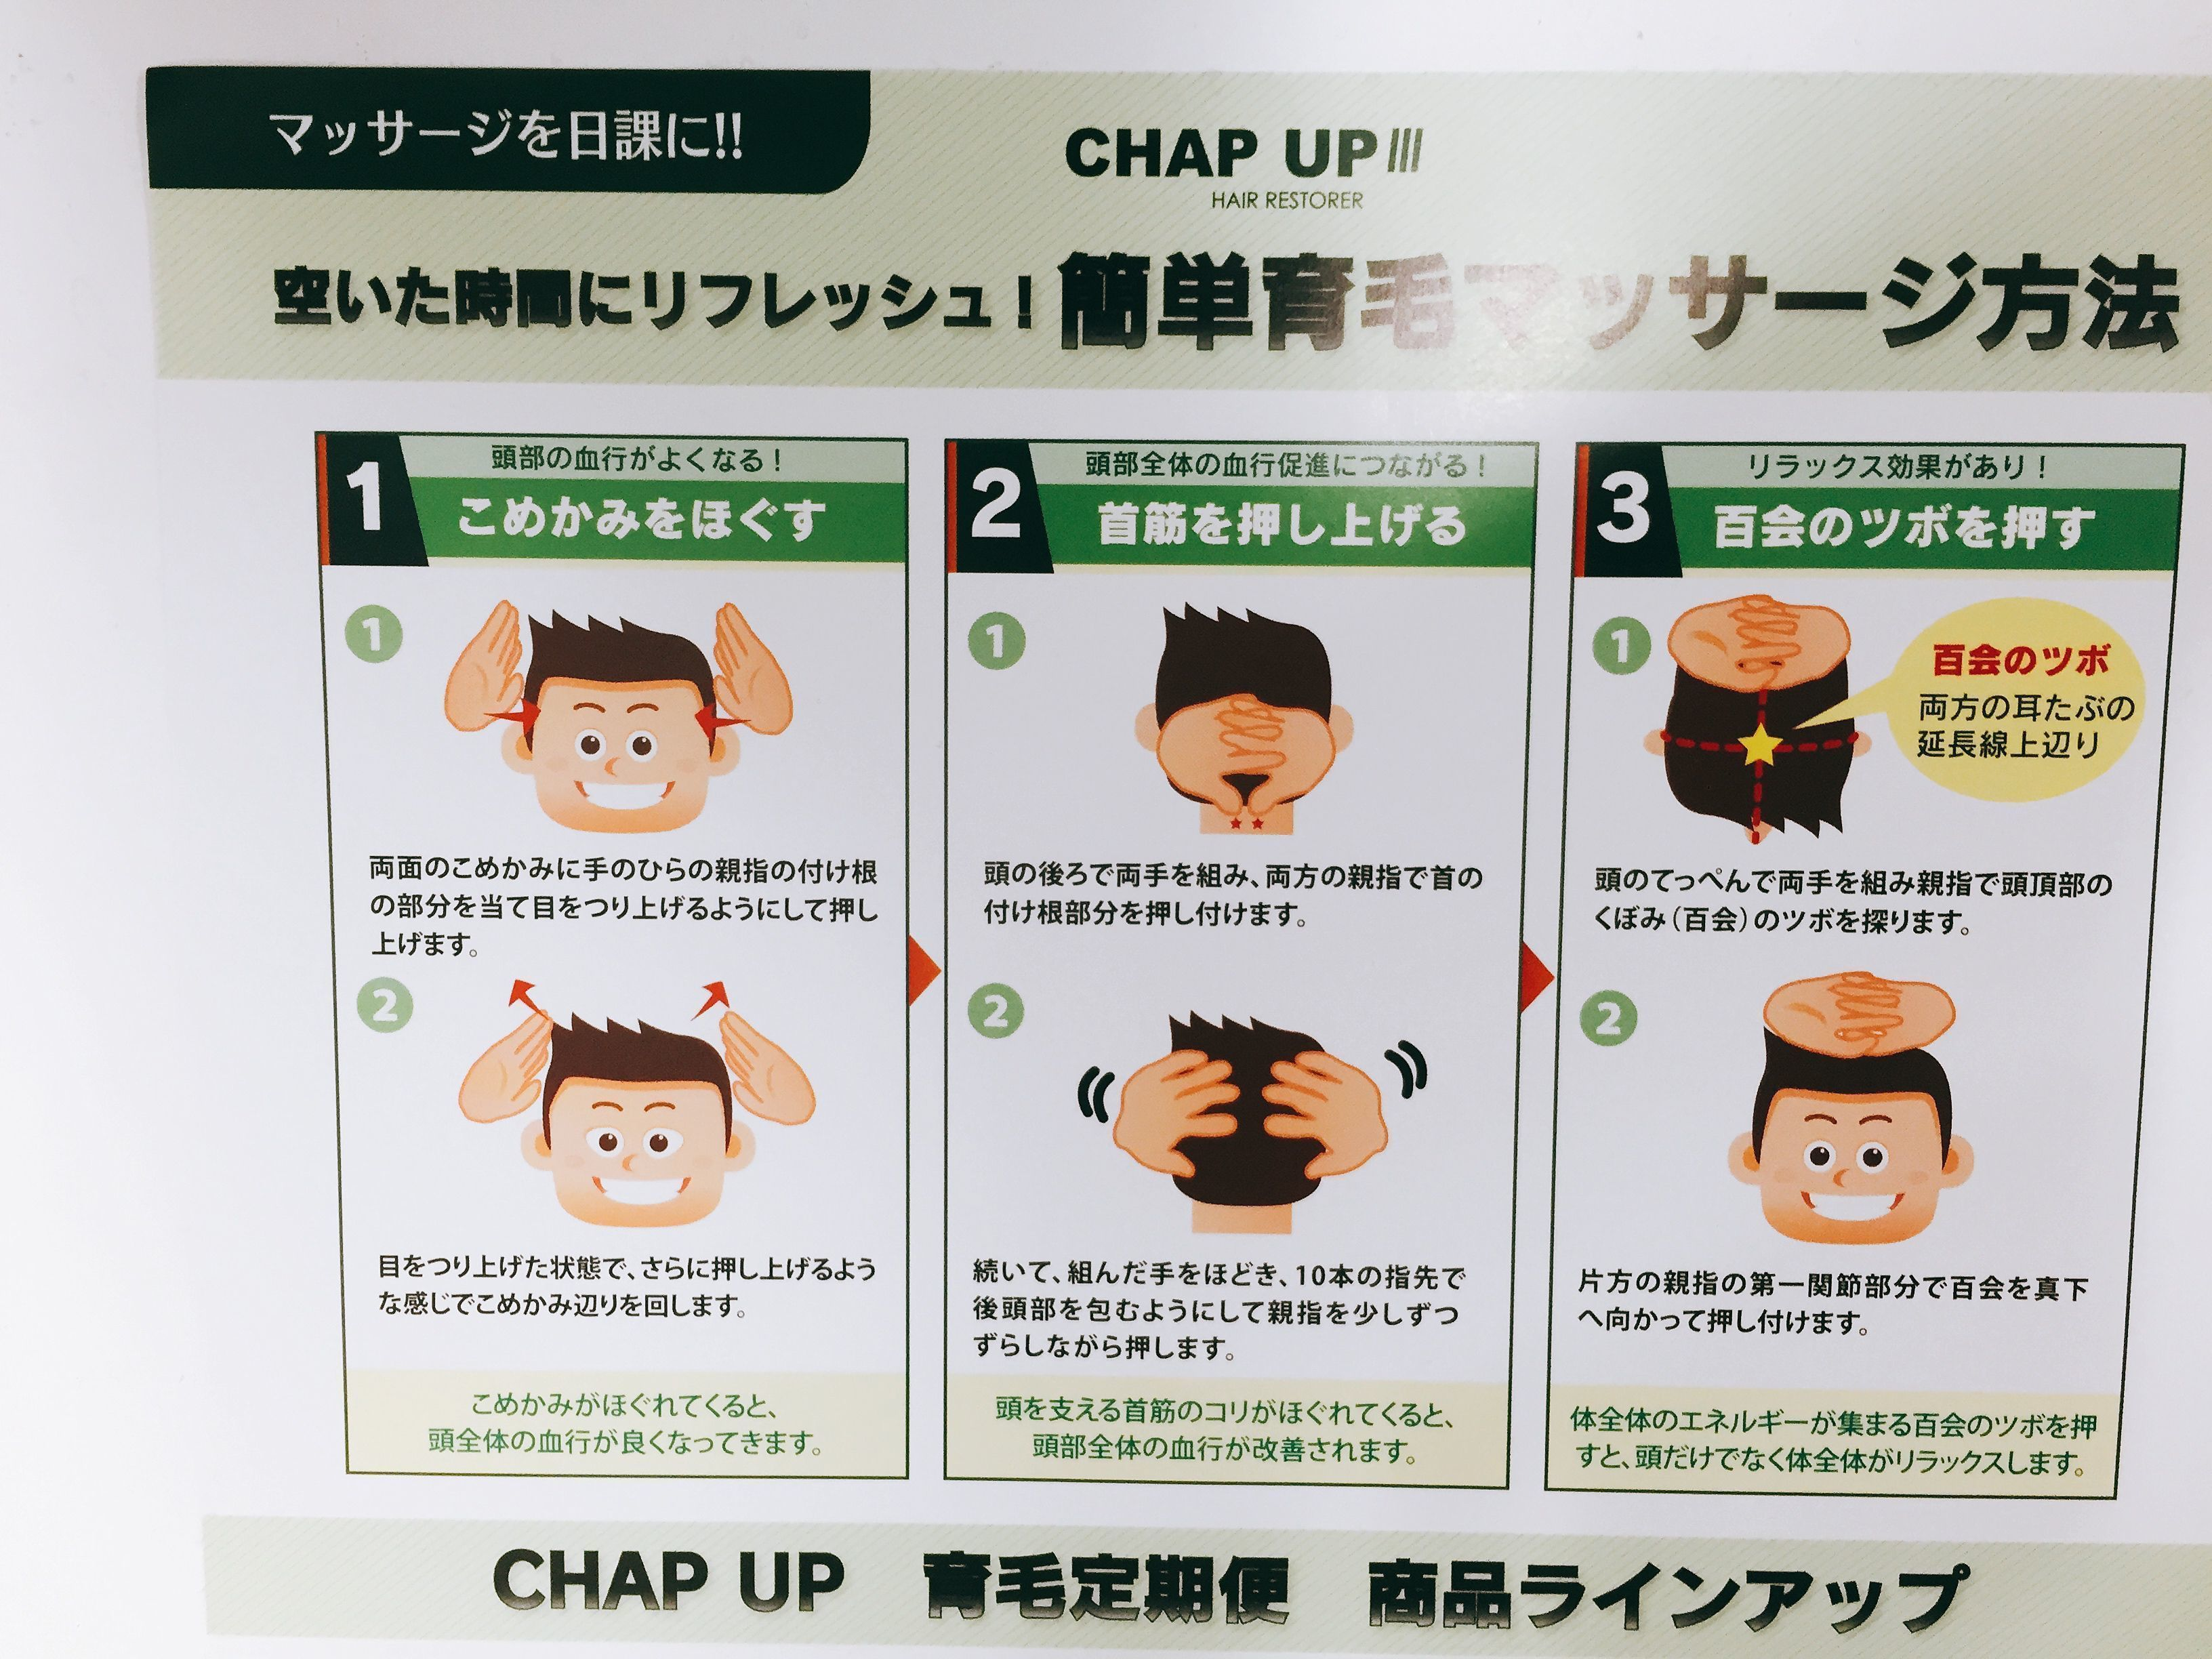 チャップアップ 頭皮マッサージの方法